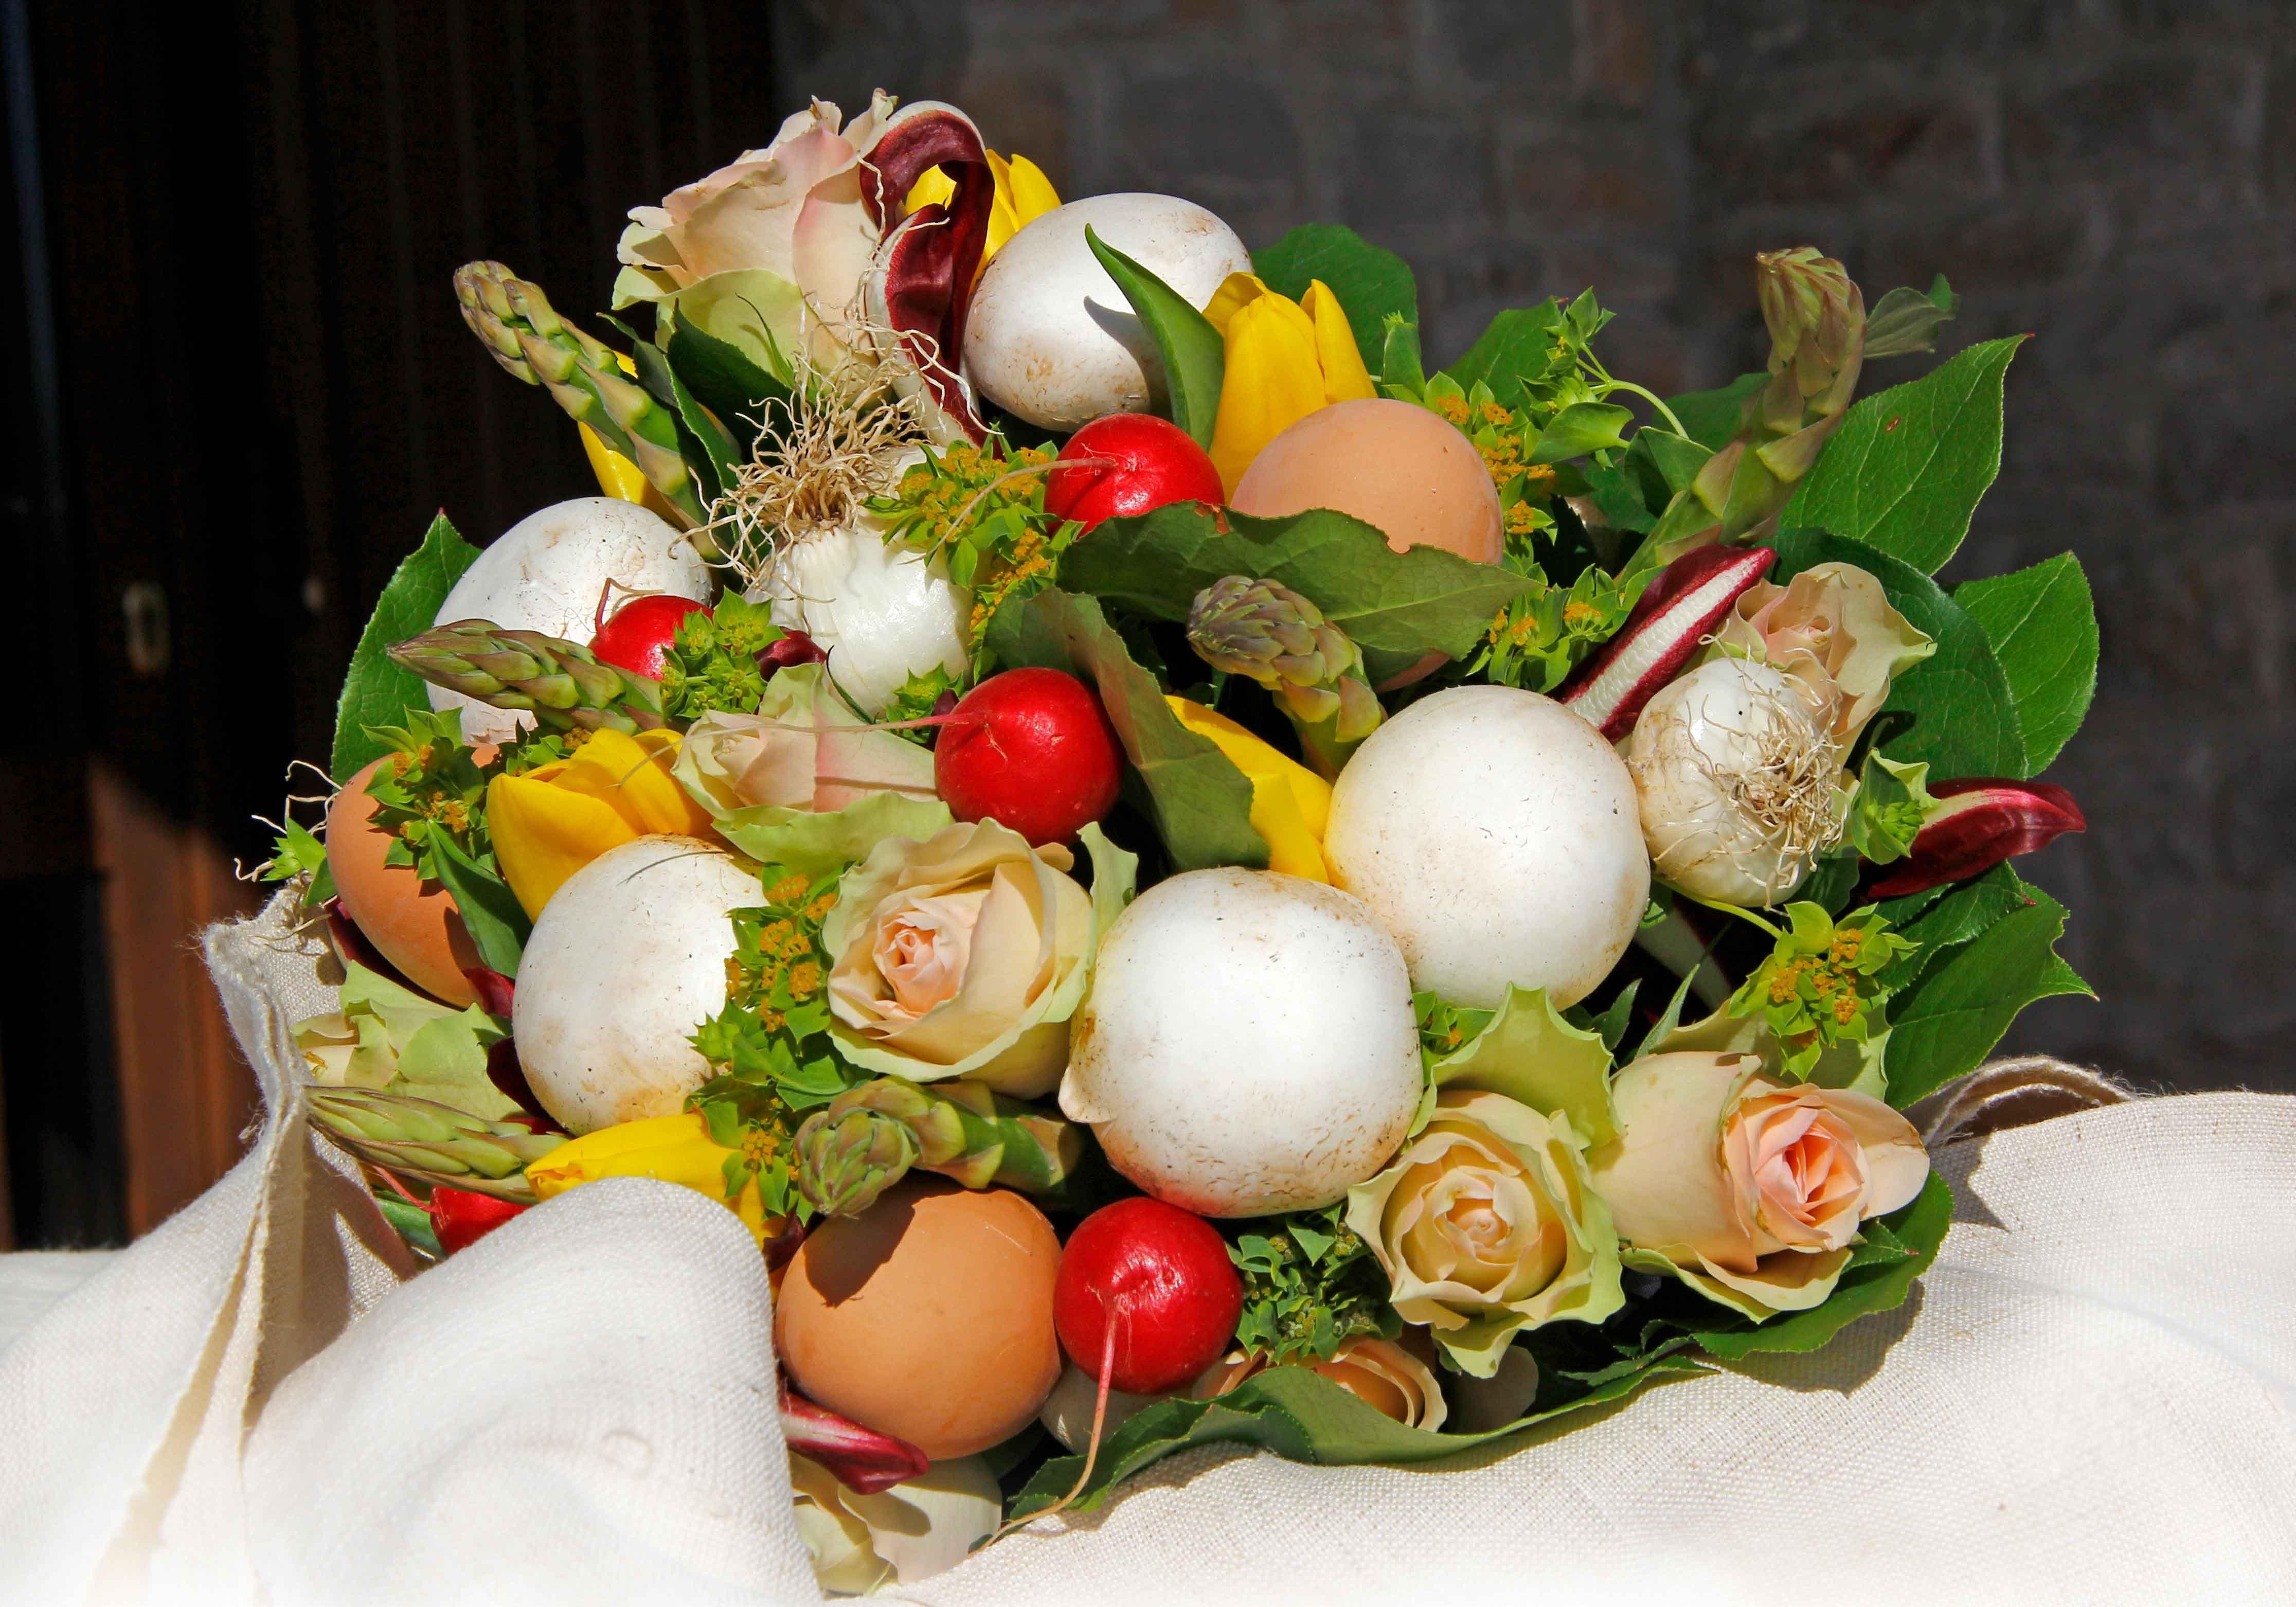 Per pasqua un mazzo di fiori e verdure cose di casa for Decorazioni con verdure e ortaggi